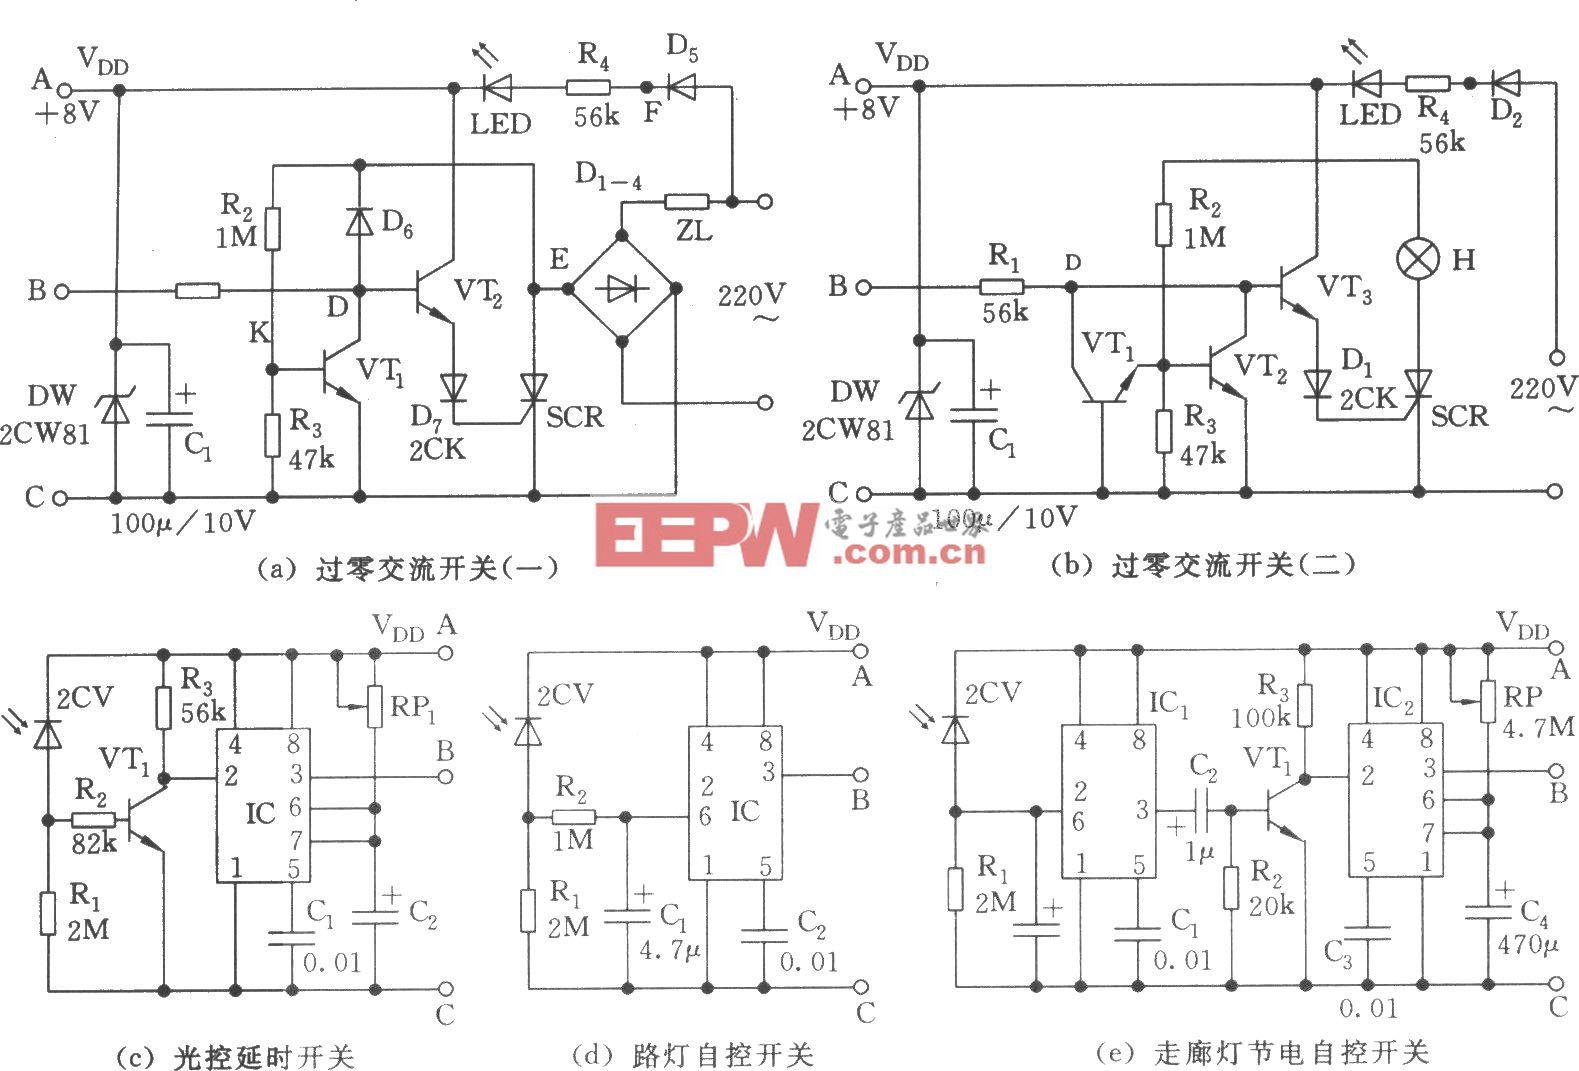 三种光控式可控硅过零开关电路